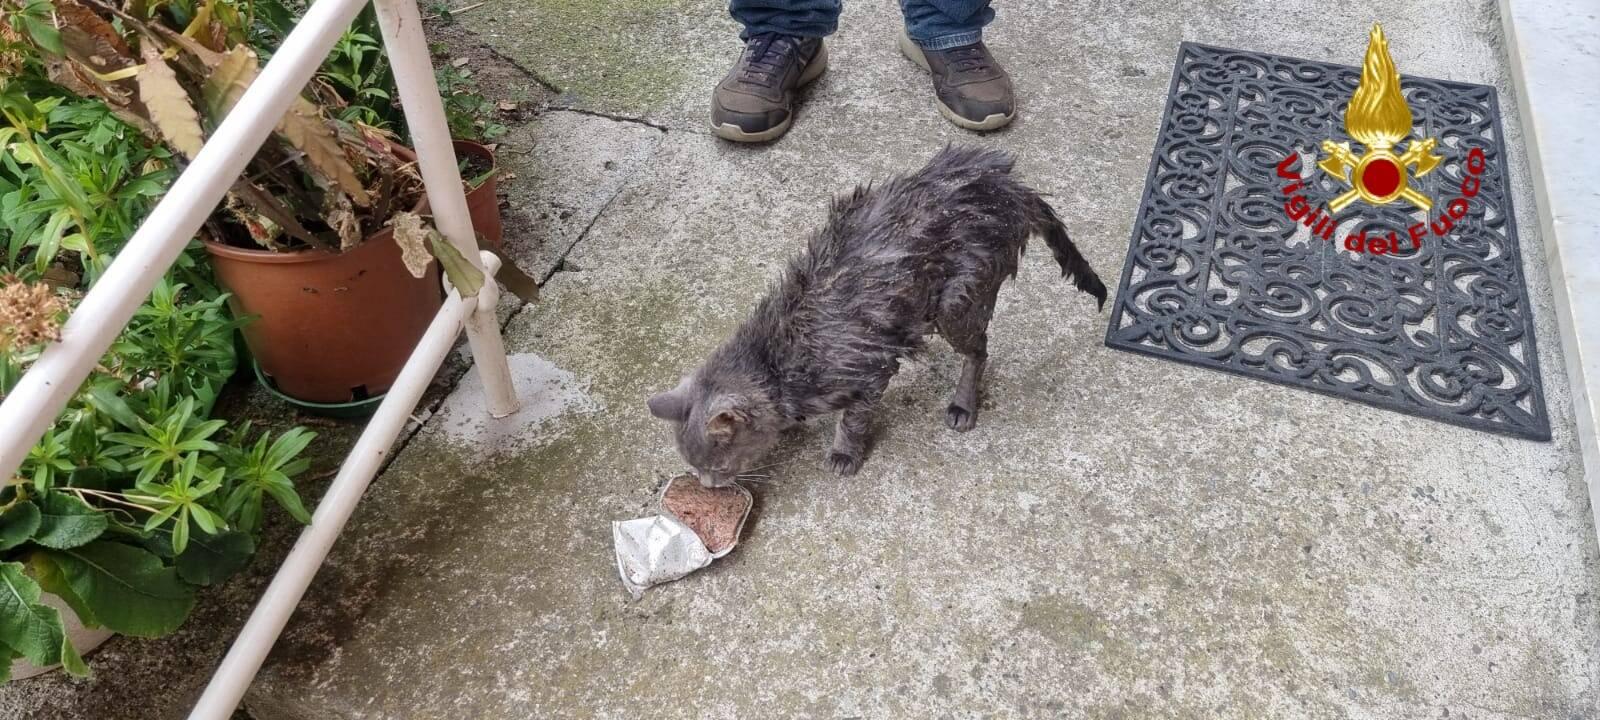 soccorso gatto vigili del fuoco